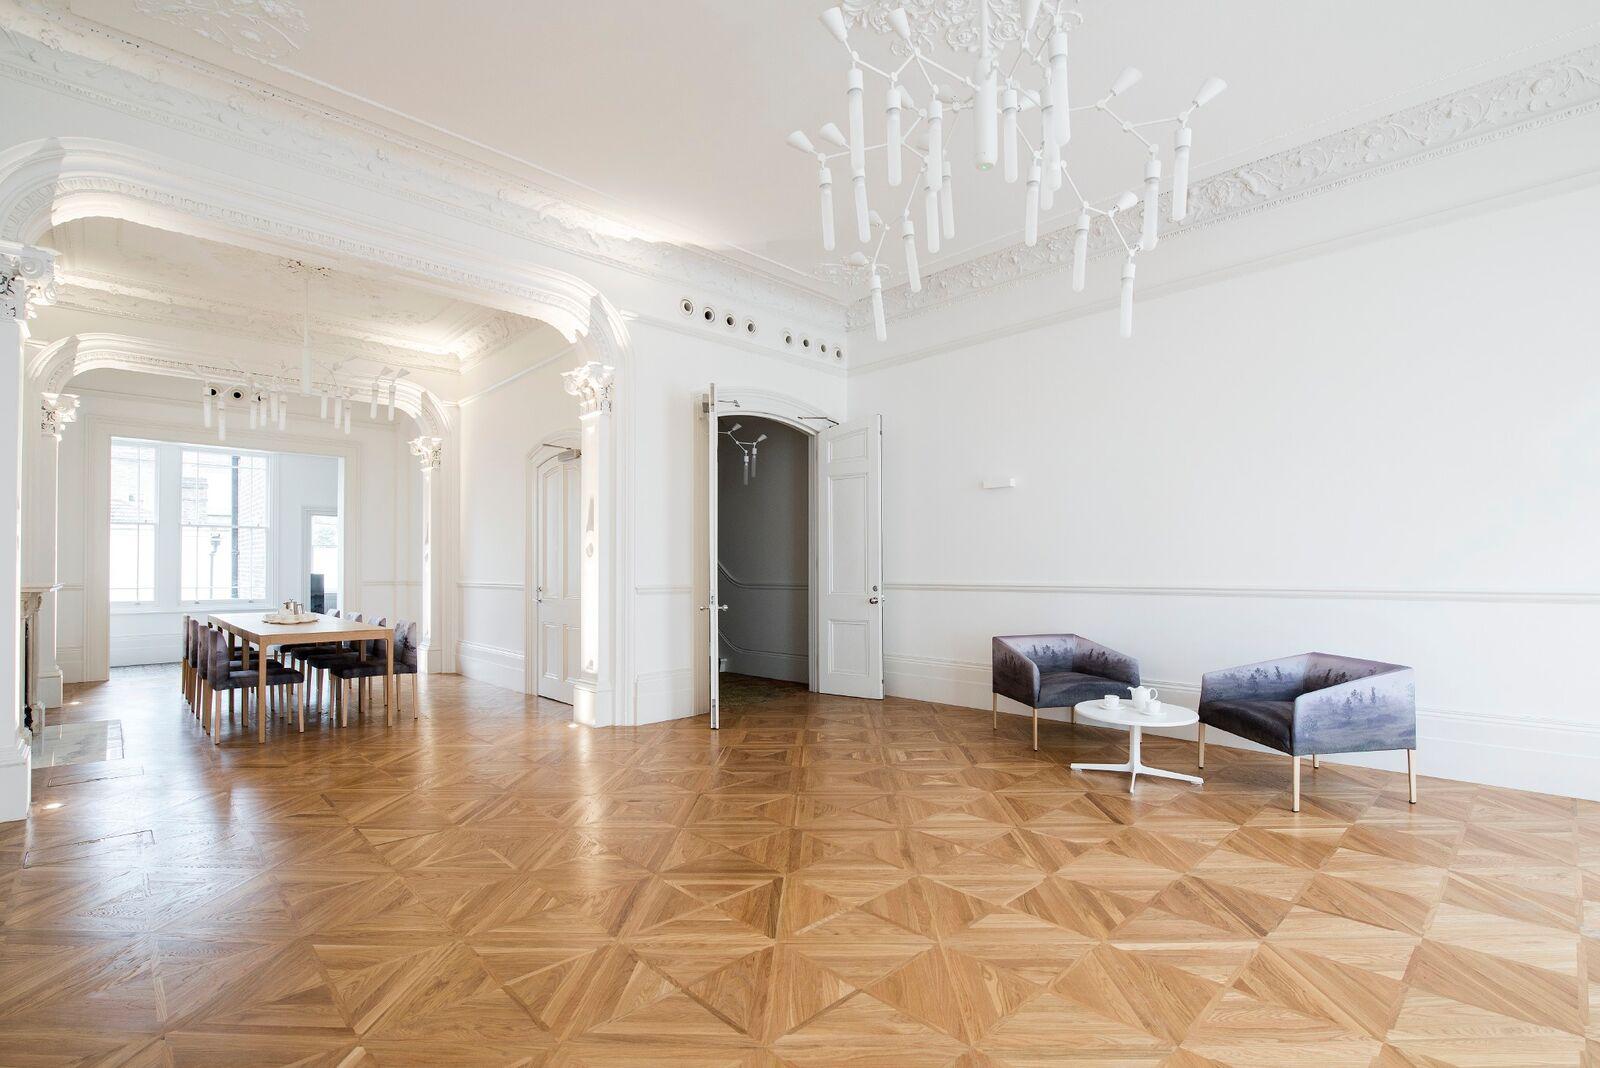 Rekonstrueerimise ja ajaloolise interjööri renoveerimise preemia – Eesti Vabariigi suursaatkond Londonis